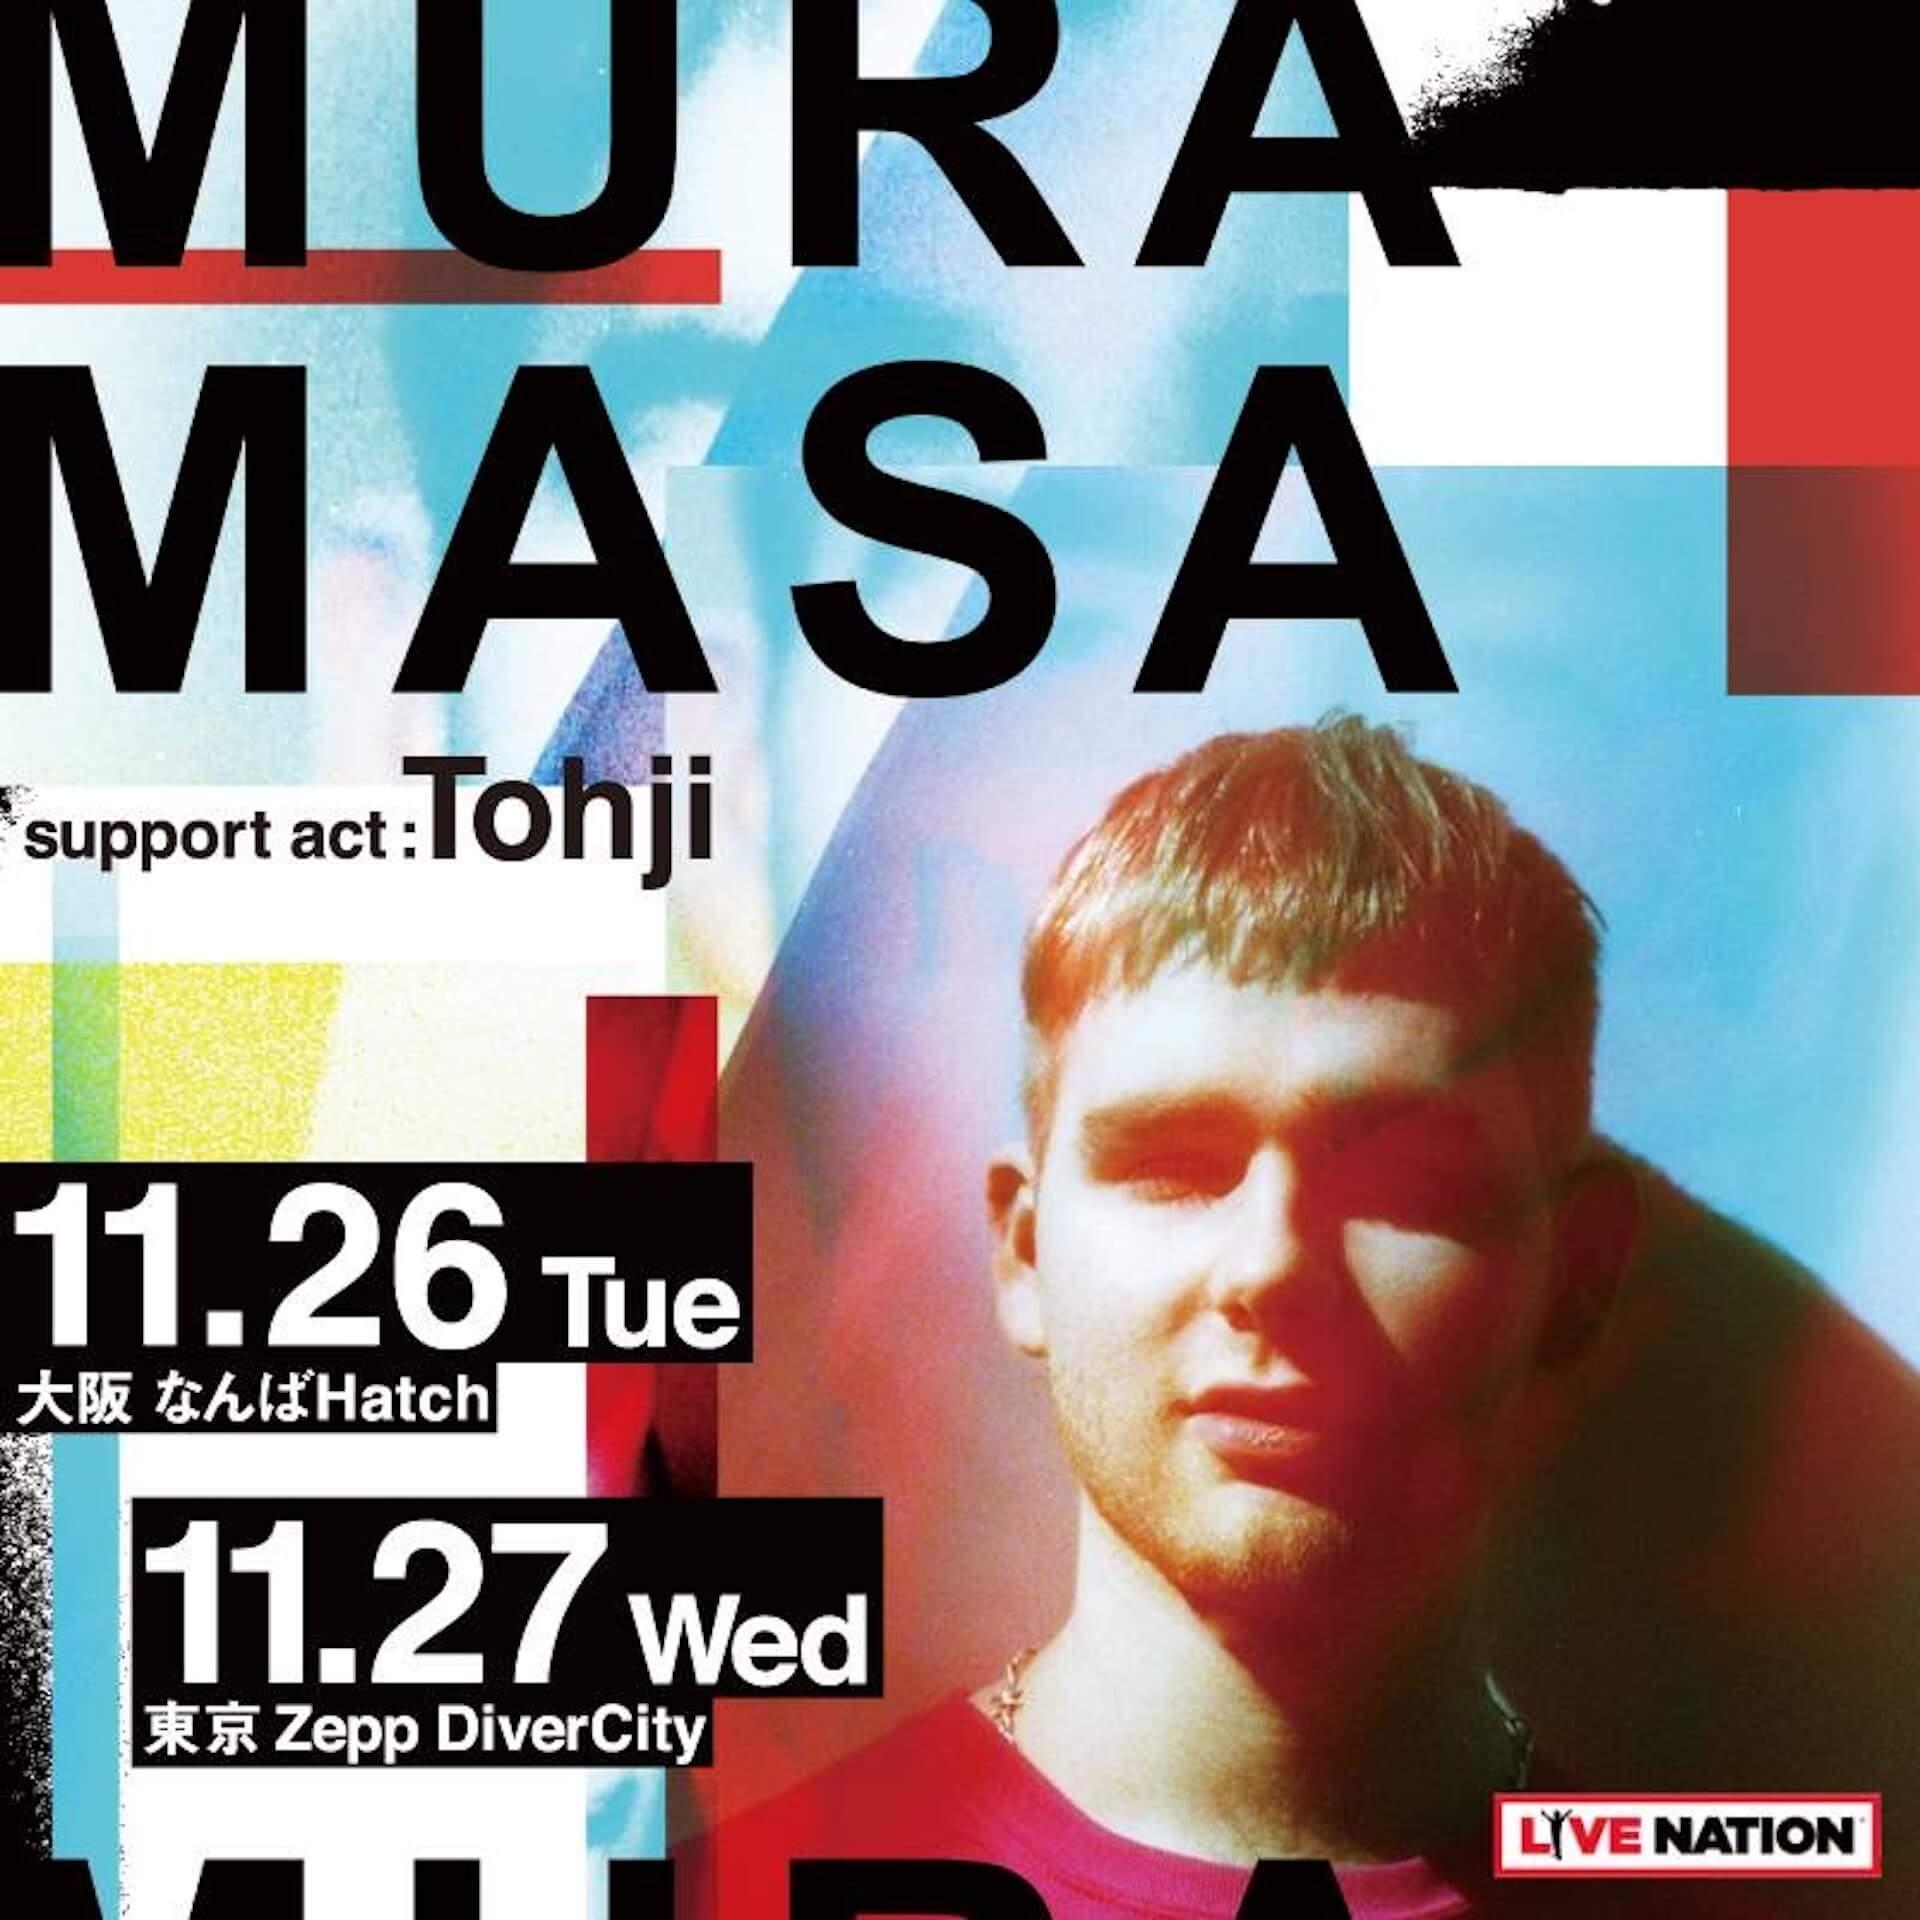 Tohji、今月末開催のMura Masaジャパン・ツアーにサポート・アクトとして出演決定 music191115_tohij_muramasa_2